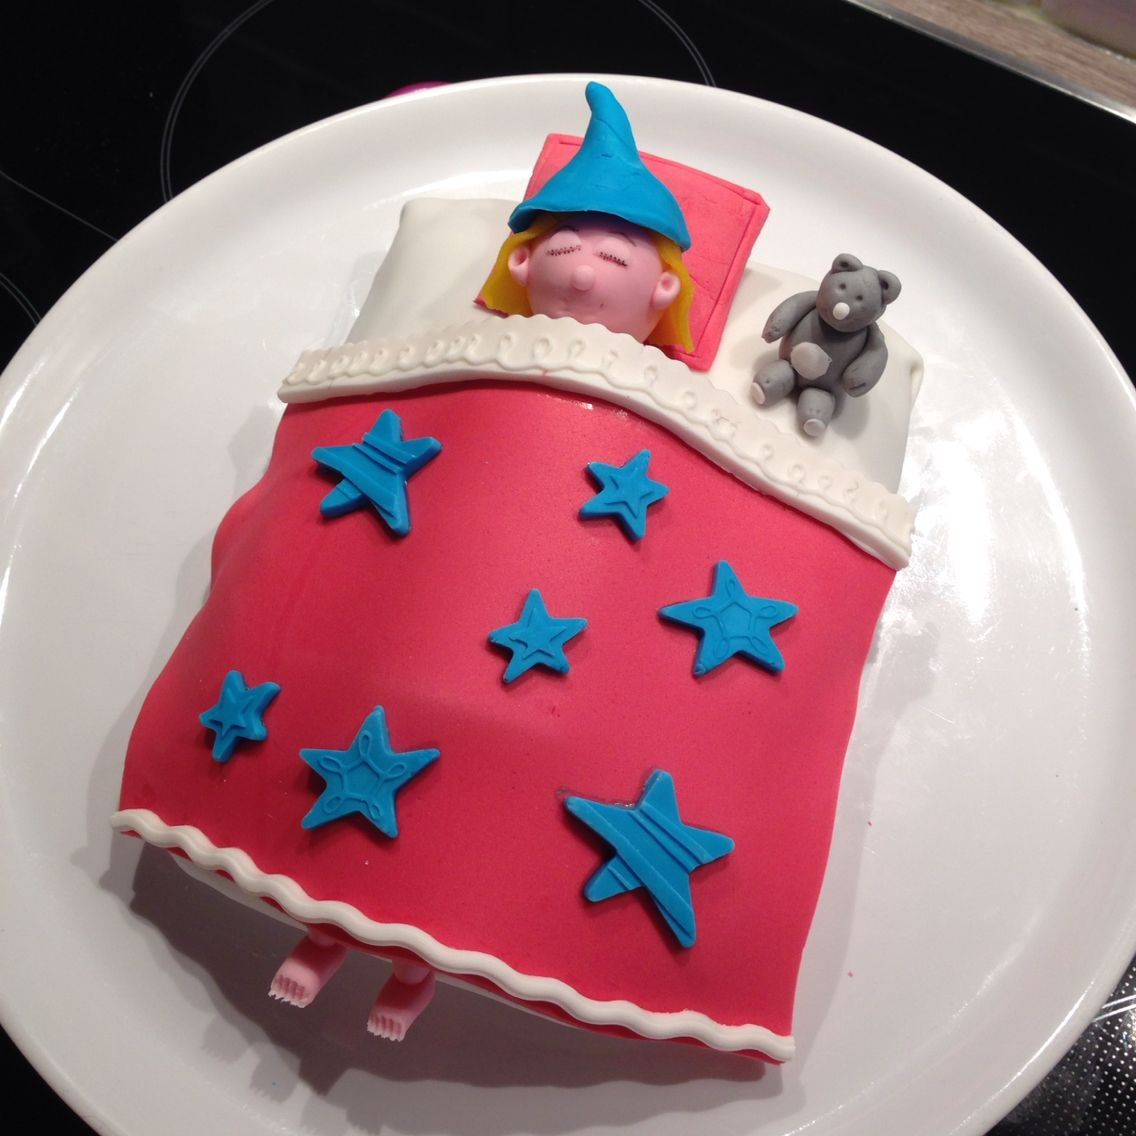 gteau pyjama party anniversaire 10ans fille sleepover party cake lescakesdemel - Gateau Anniversaire Fille 10 Ans